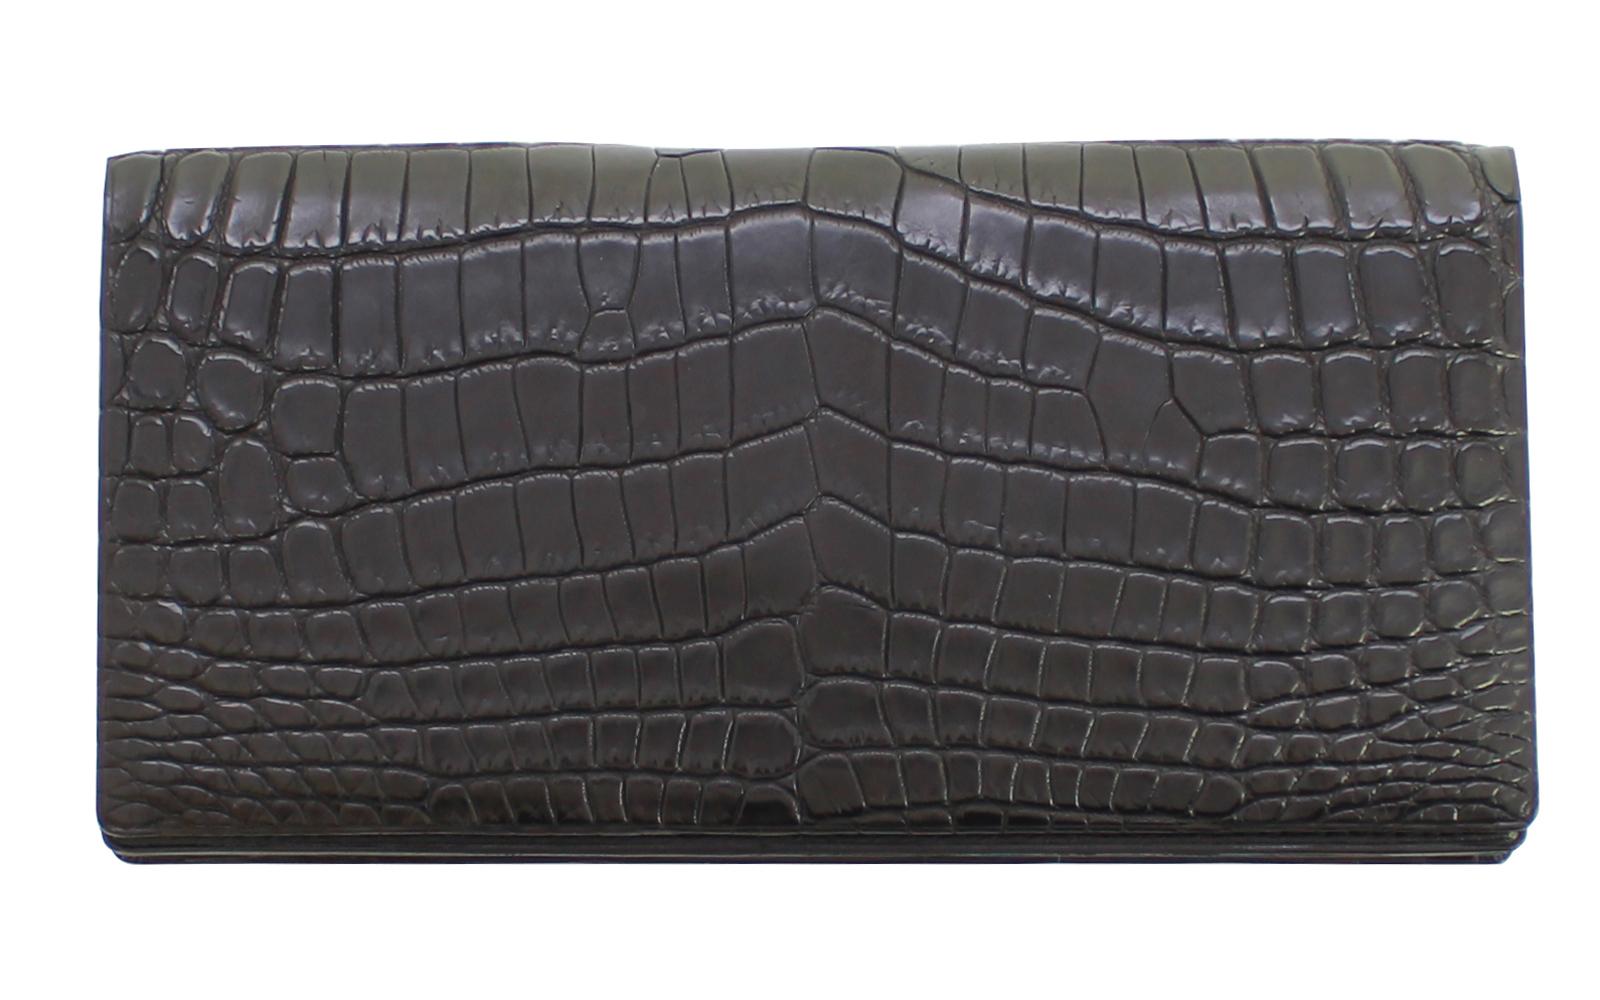 クロコダイル 長財布 メンズ財布 紳士用財布 日本製 超高級 BAMBI ワニ革 ギフト プレゼント用